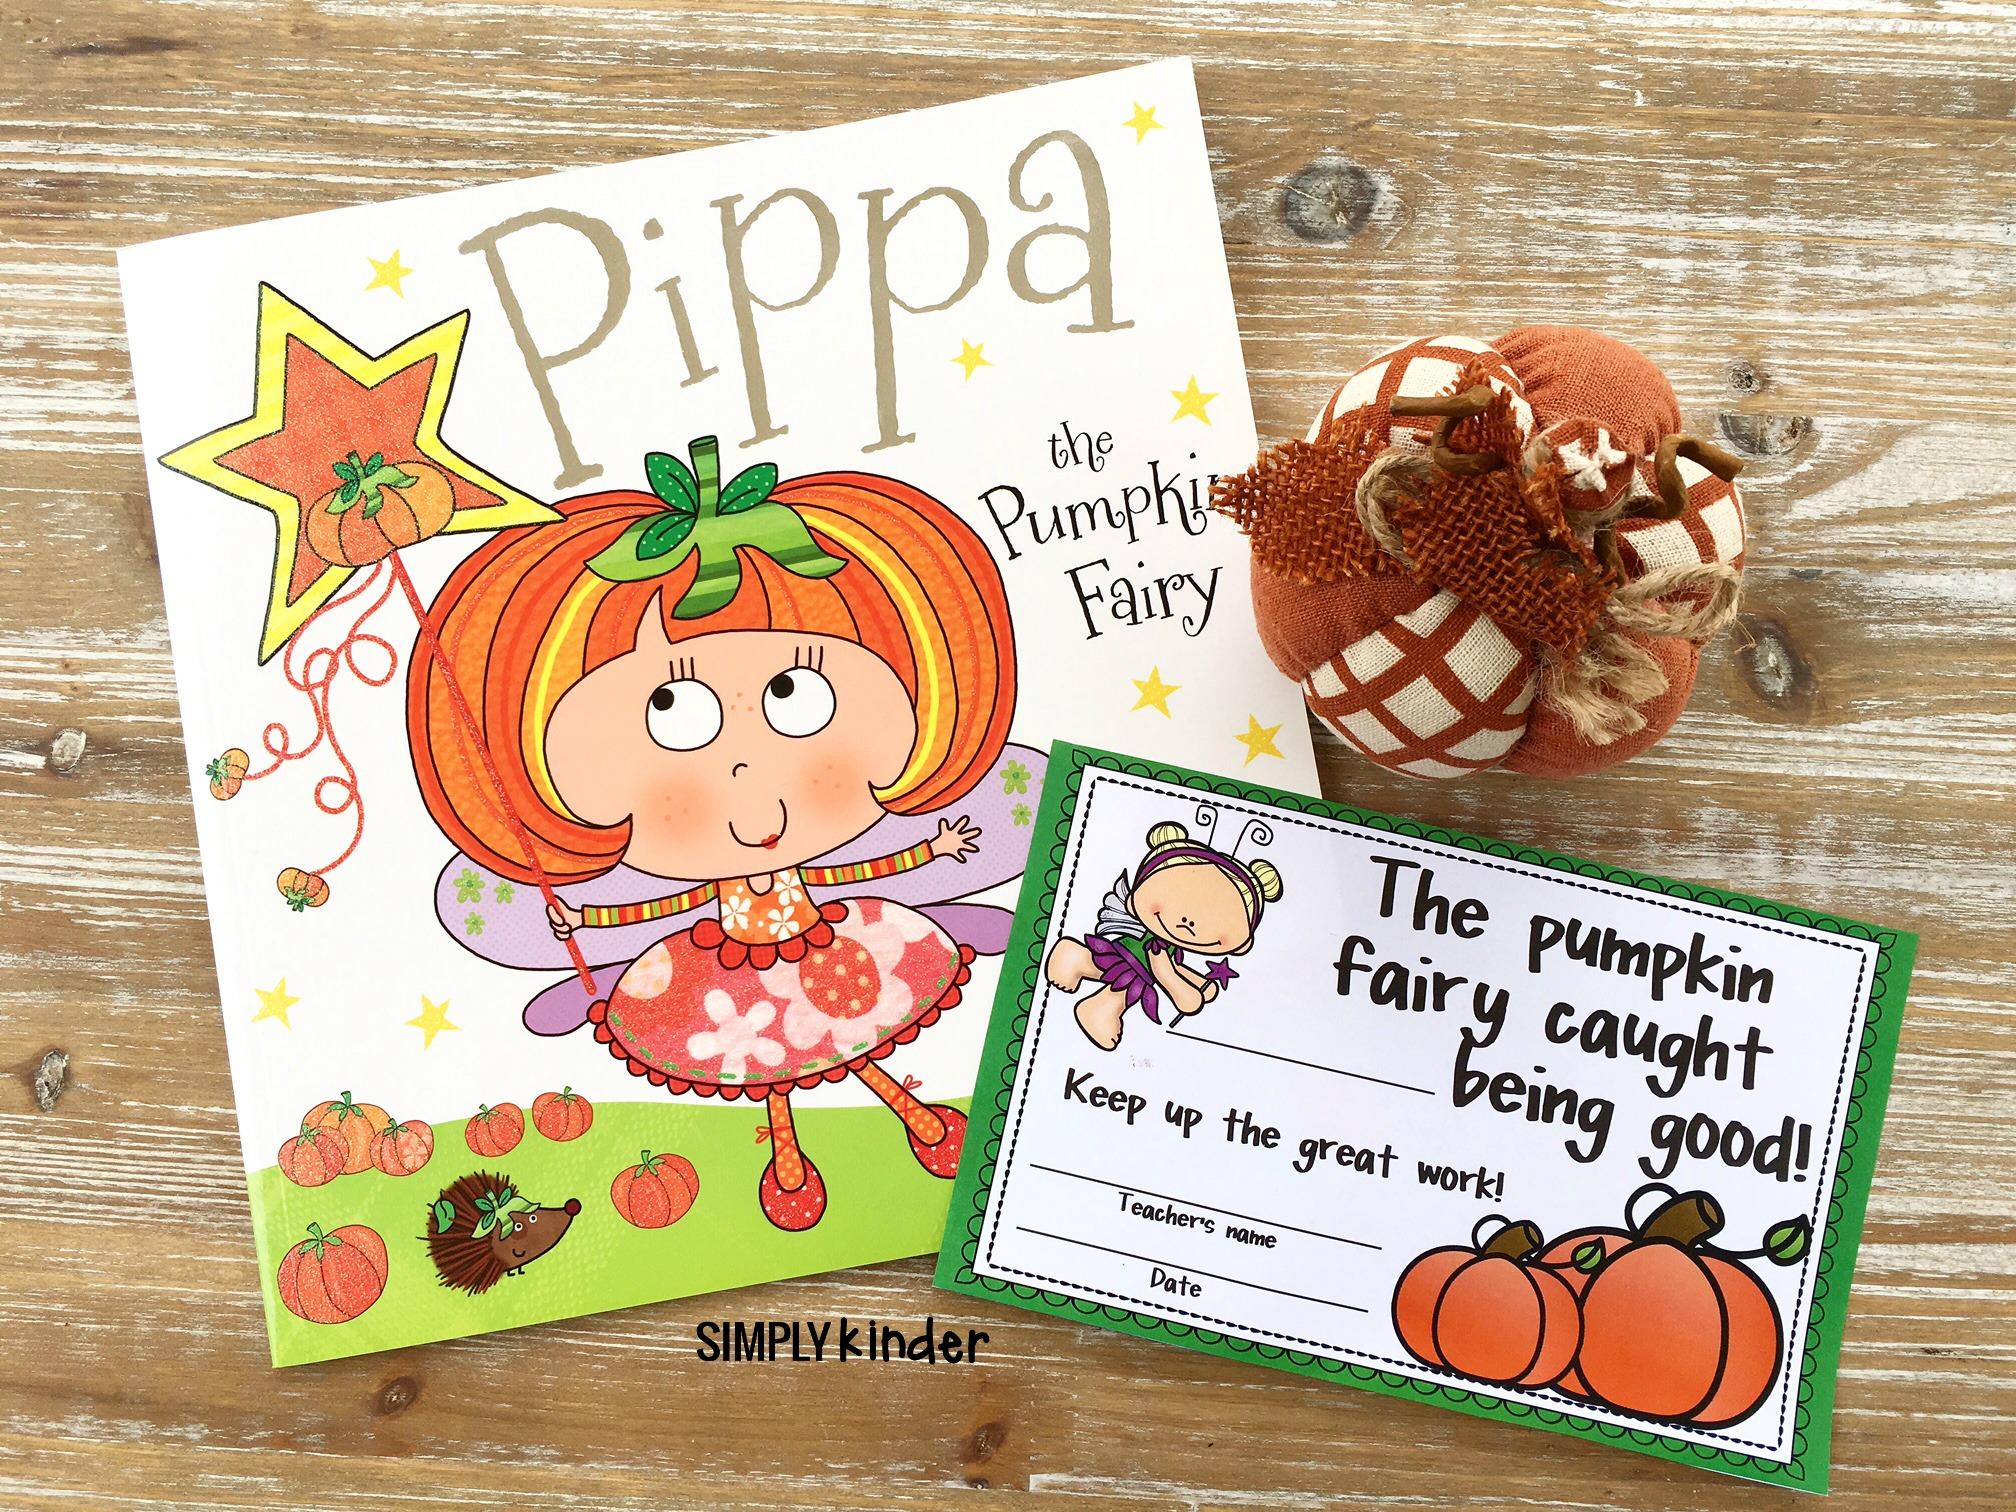 pippa-the-pumpkin-fairy-2